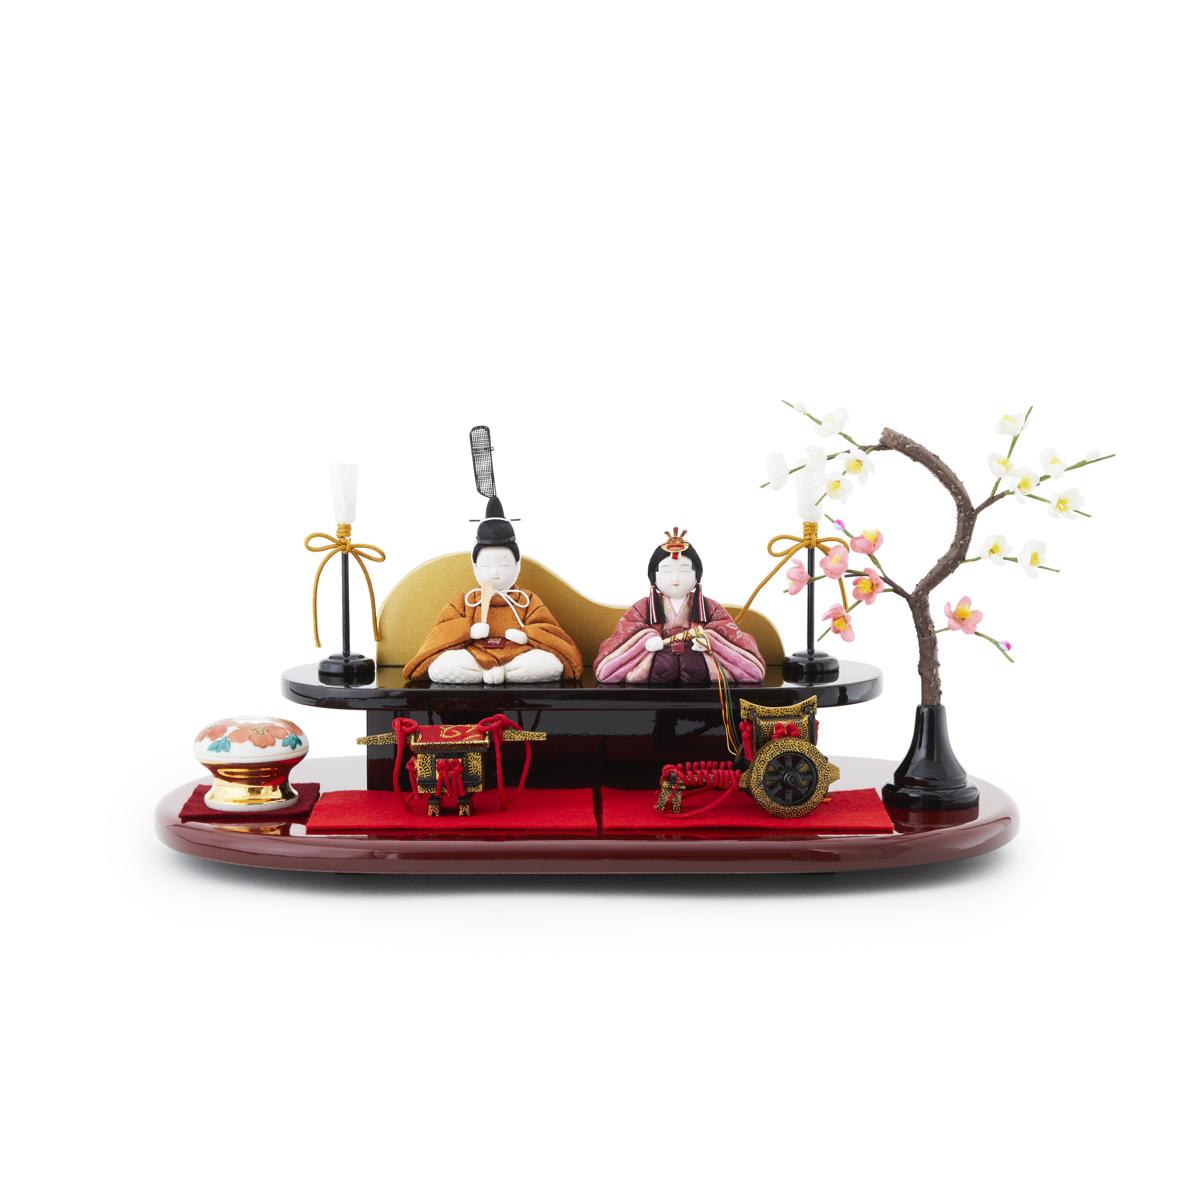 『毎年の幸せ』が御嬢様と家族に訪れる|《二段飾り》2019年・改元を記念した、木目込みプレミアムコンパクト雛人形 | 風雅